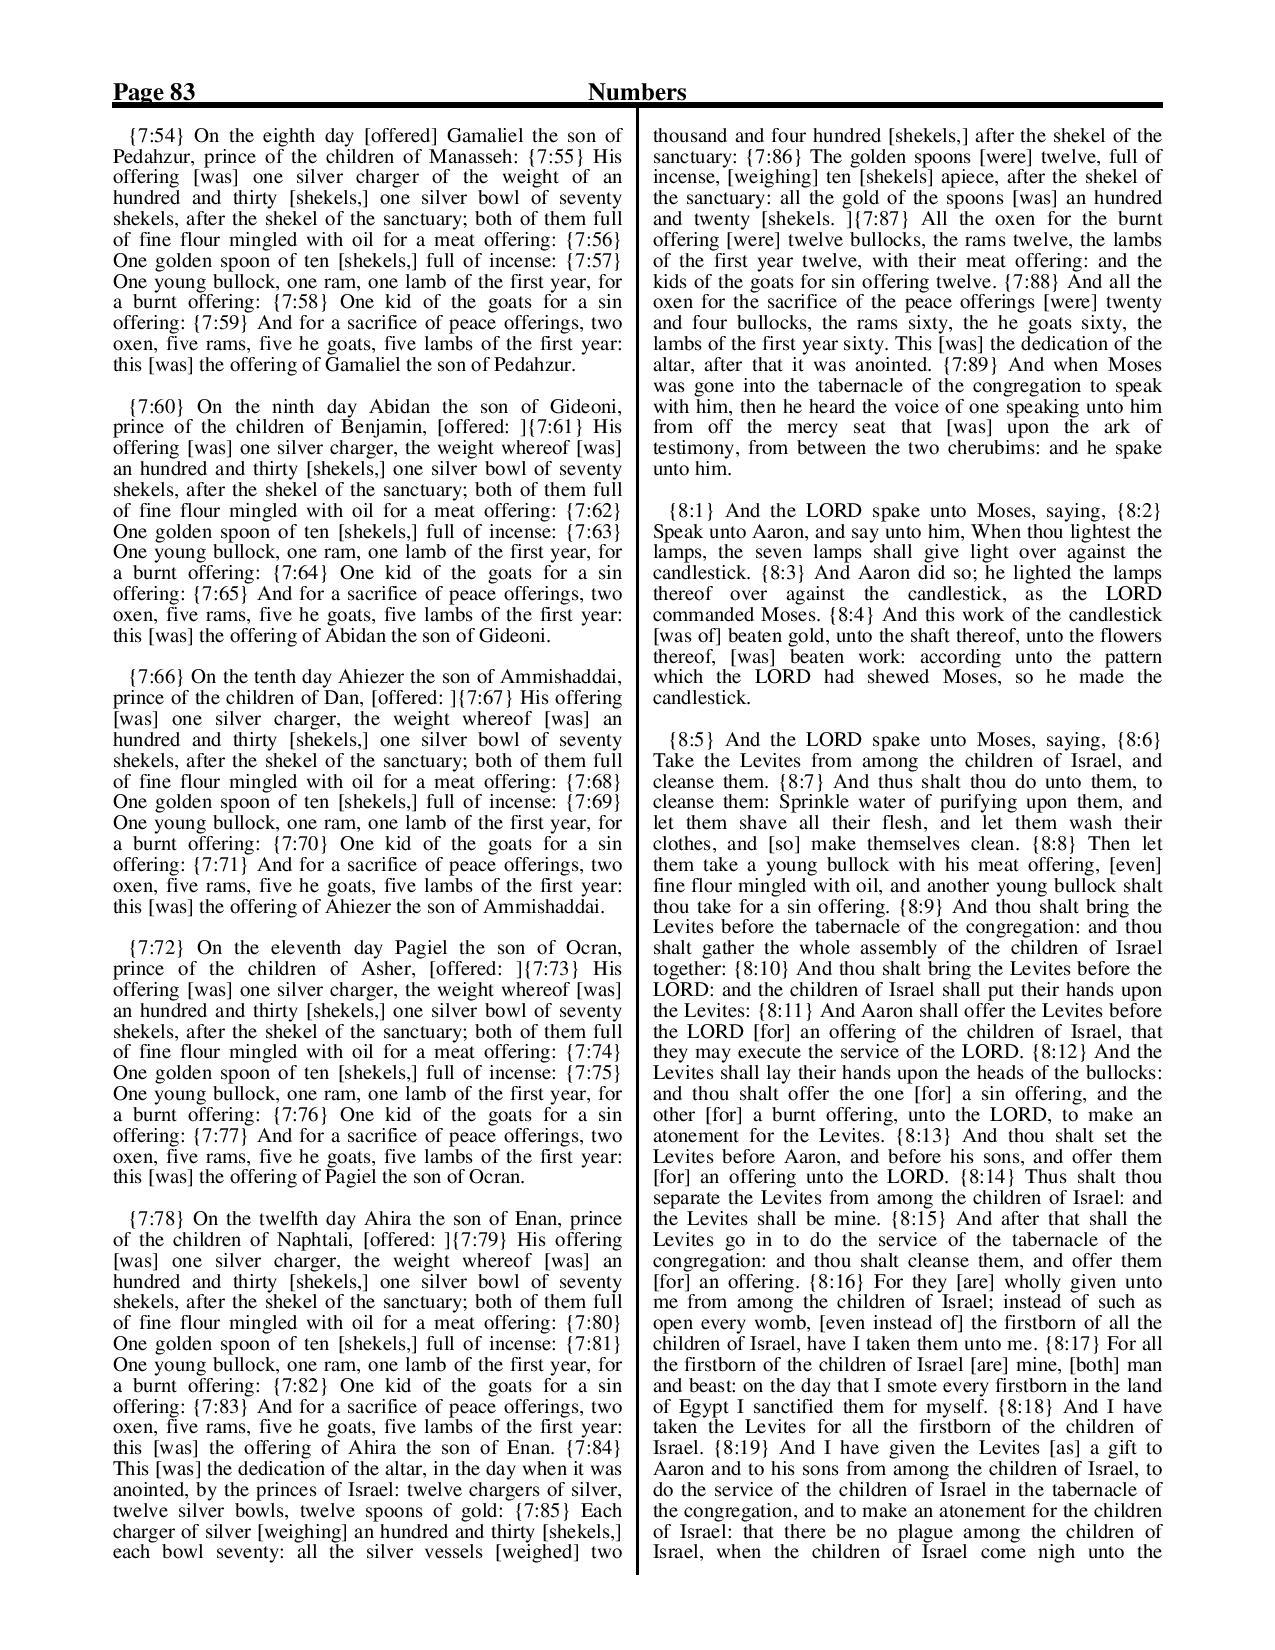 King-James-Bible-KJV-Bible-PDF-page-104